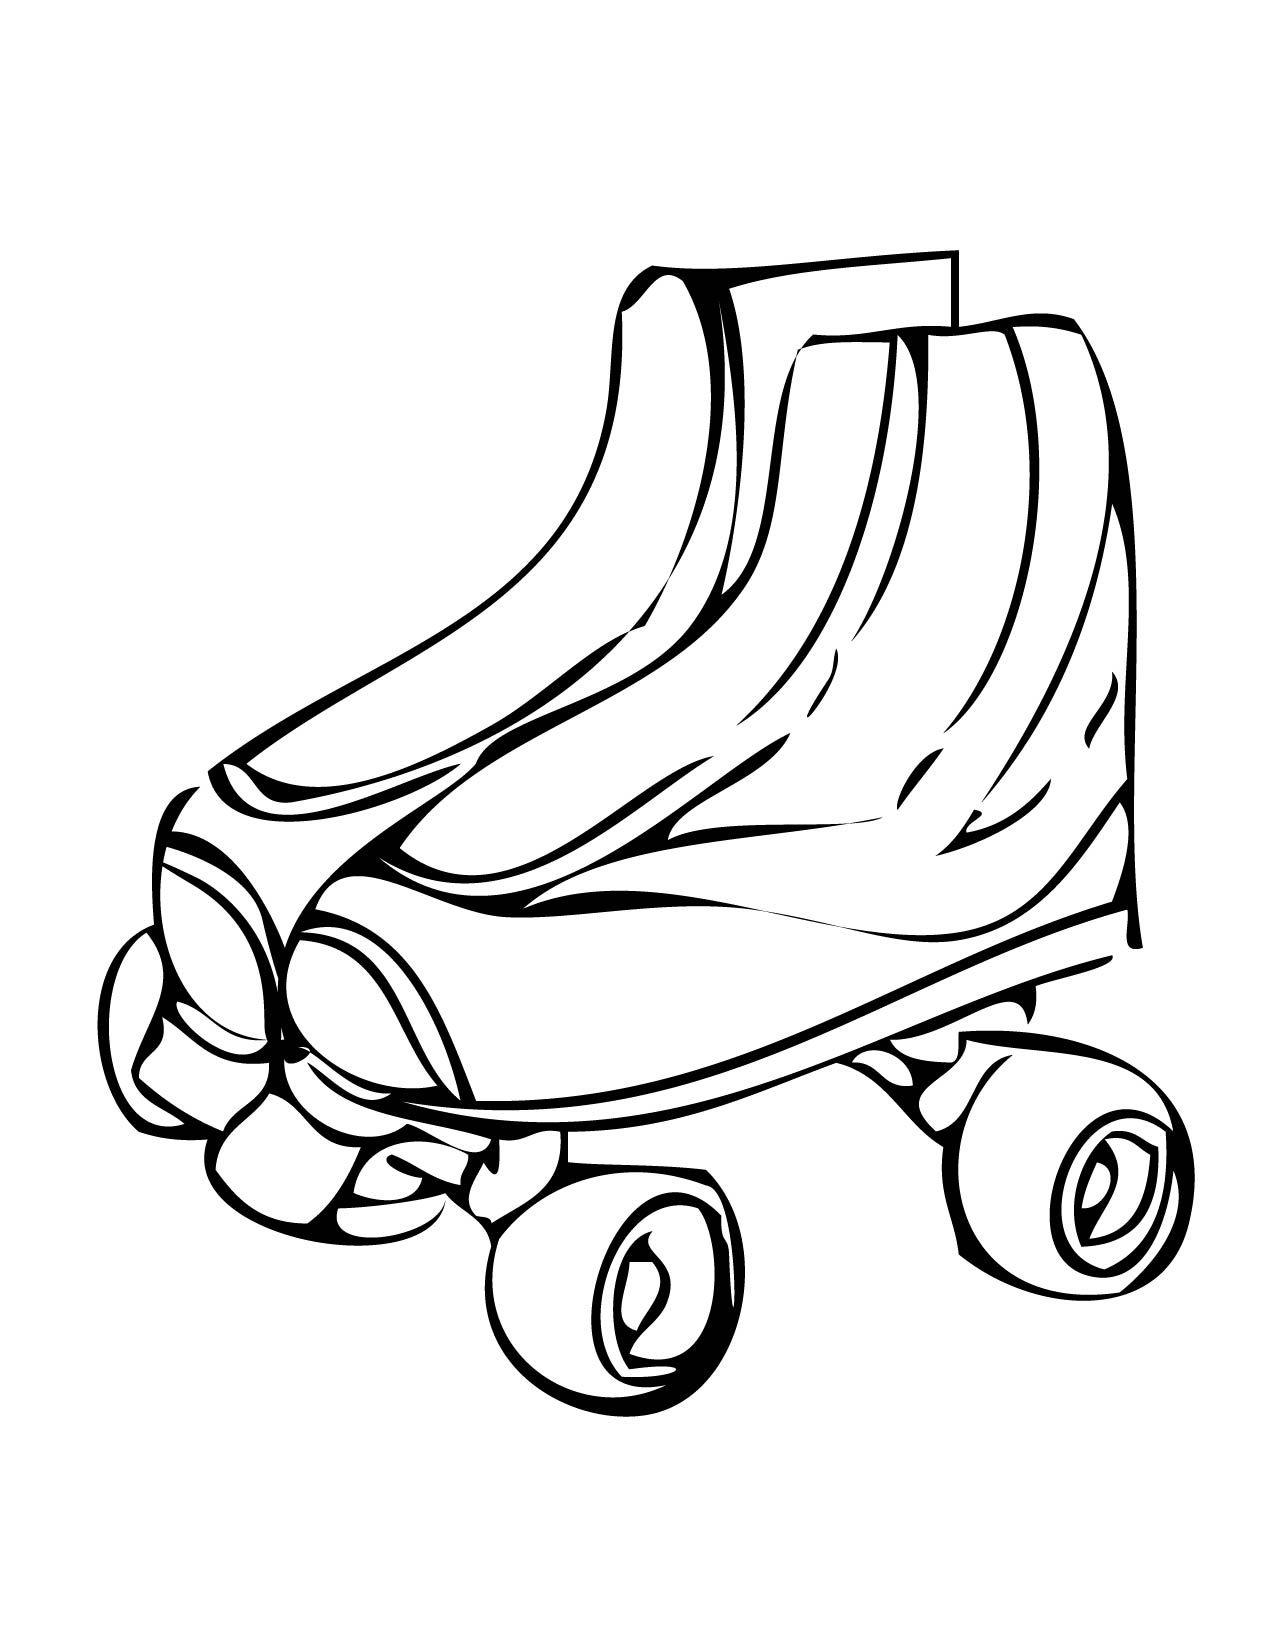 1275x1650 Roller Skates Ink For Roller Skate Coloring Page